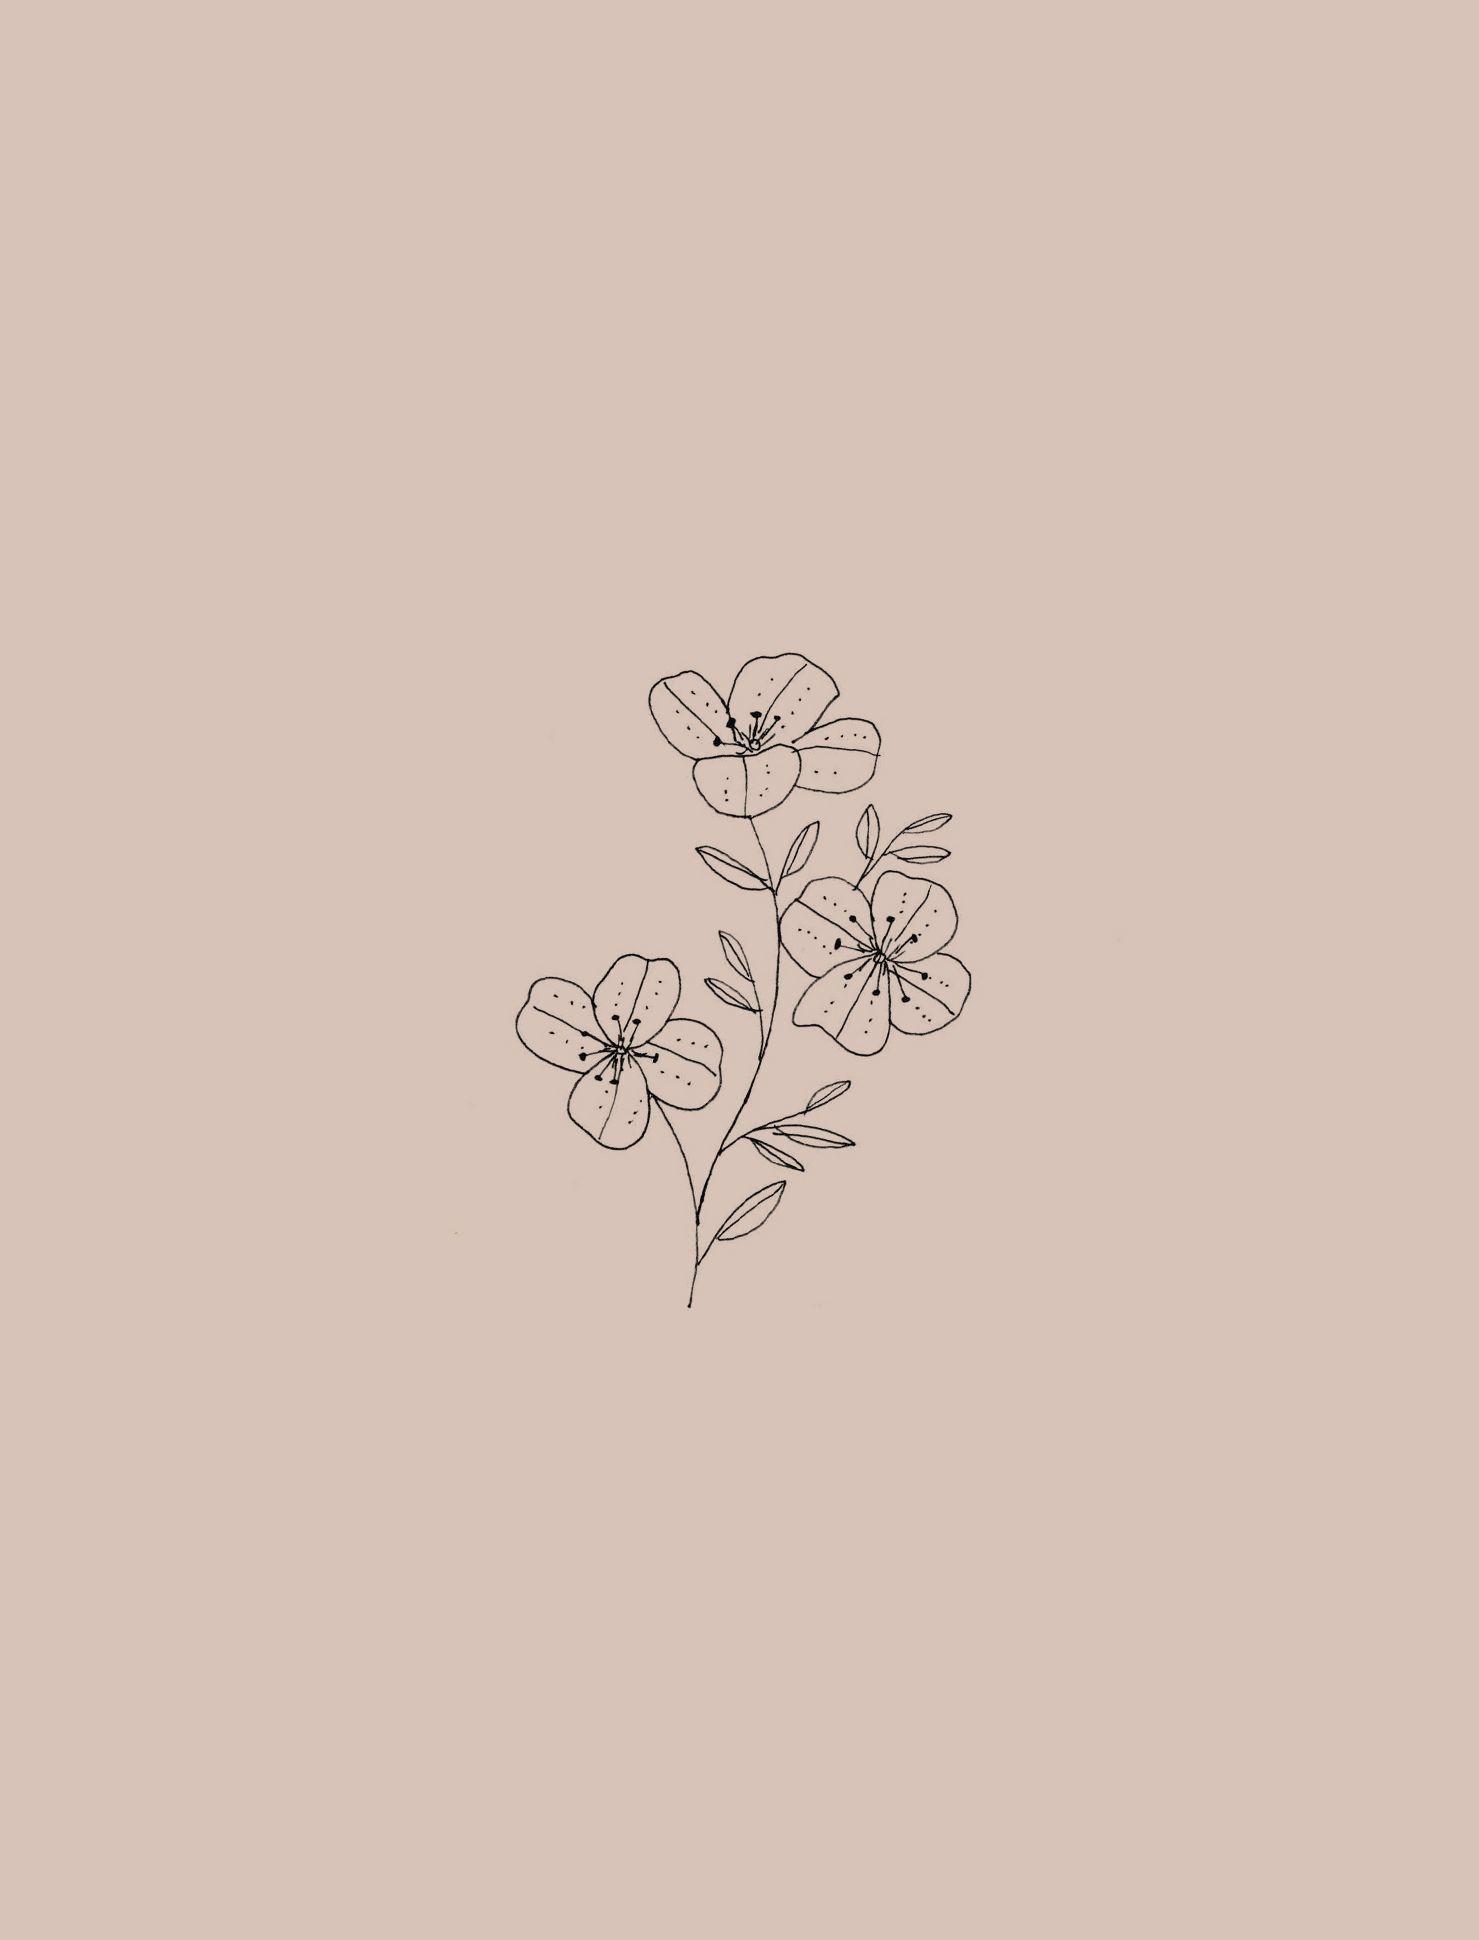 Botanical Illustration Botanical Illustration Minimalist Drawing Minimalist Wallpaper